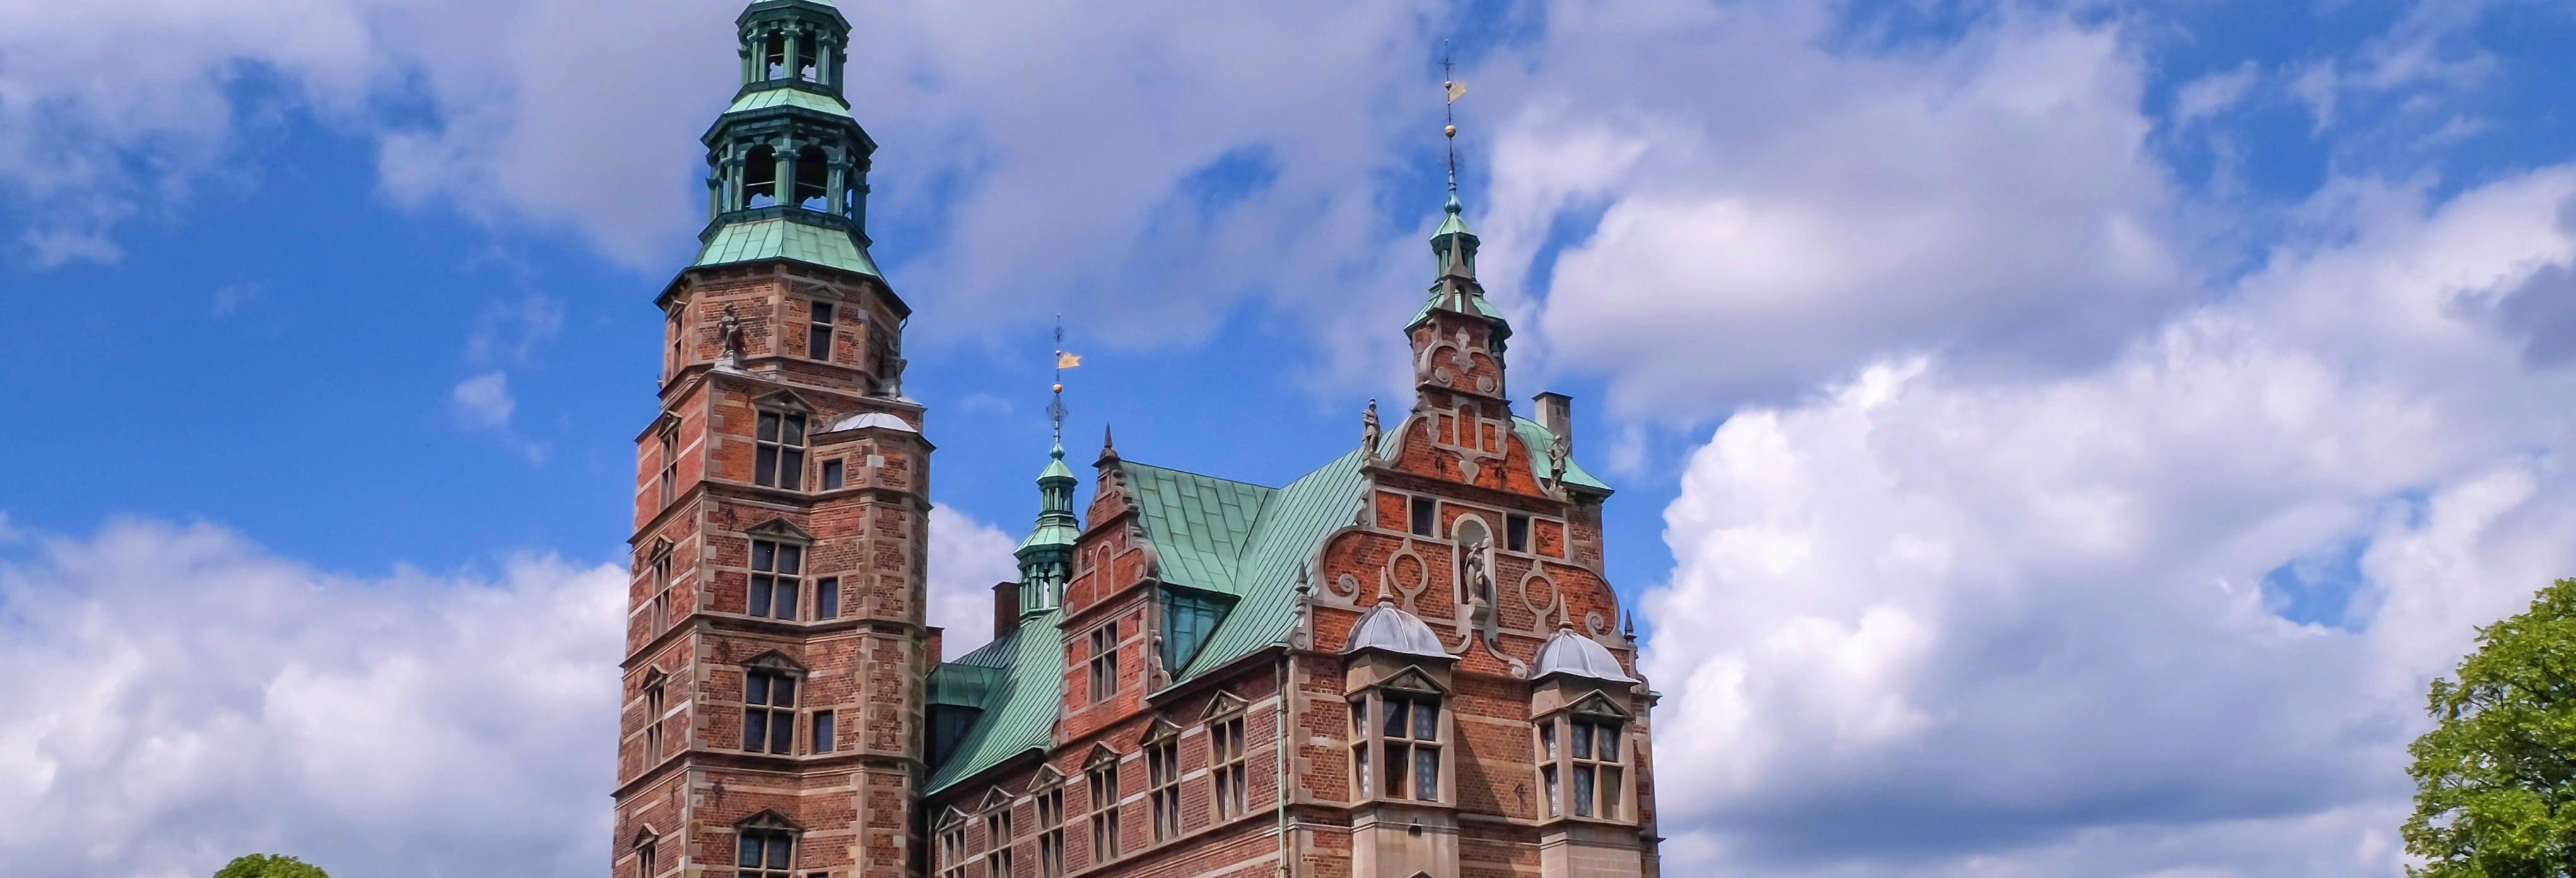 Visita guiada pelo castelo de Rosenborg